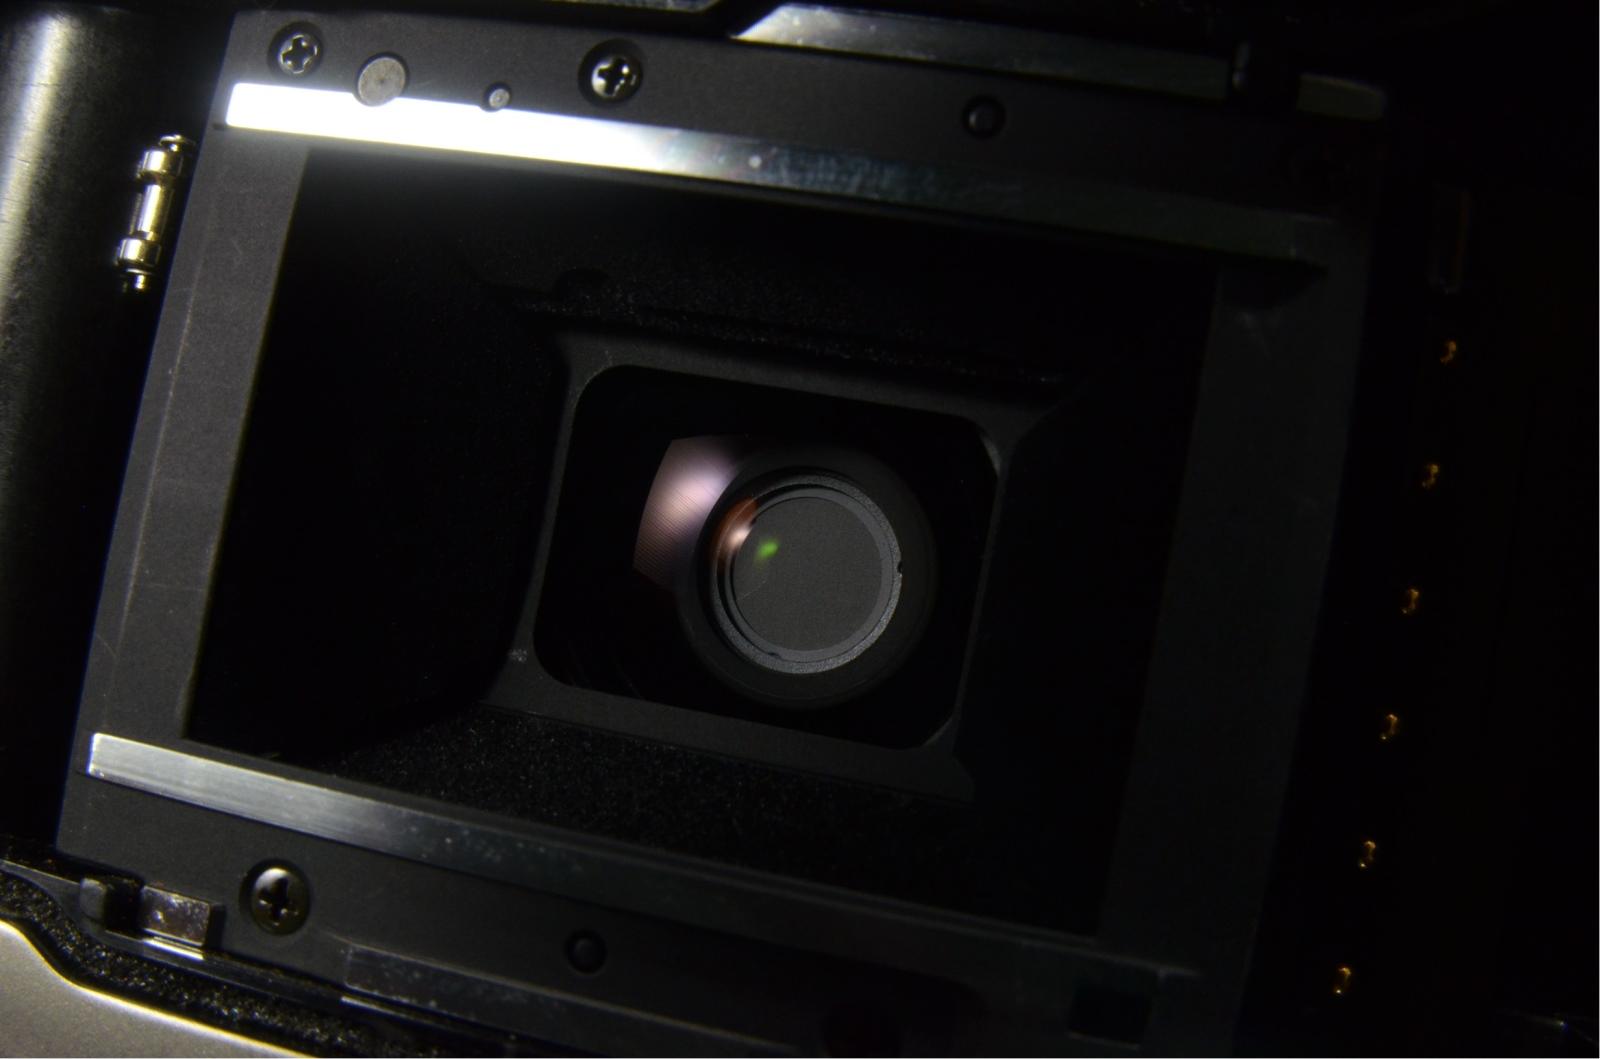 minolta tc-1 point & shoot 35mm film camera 28mm f3.5